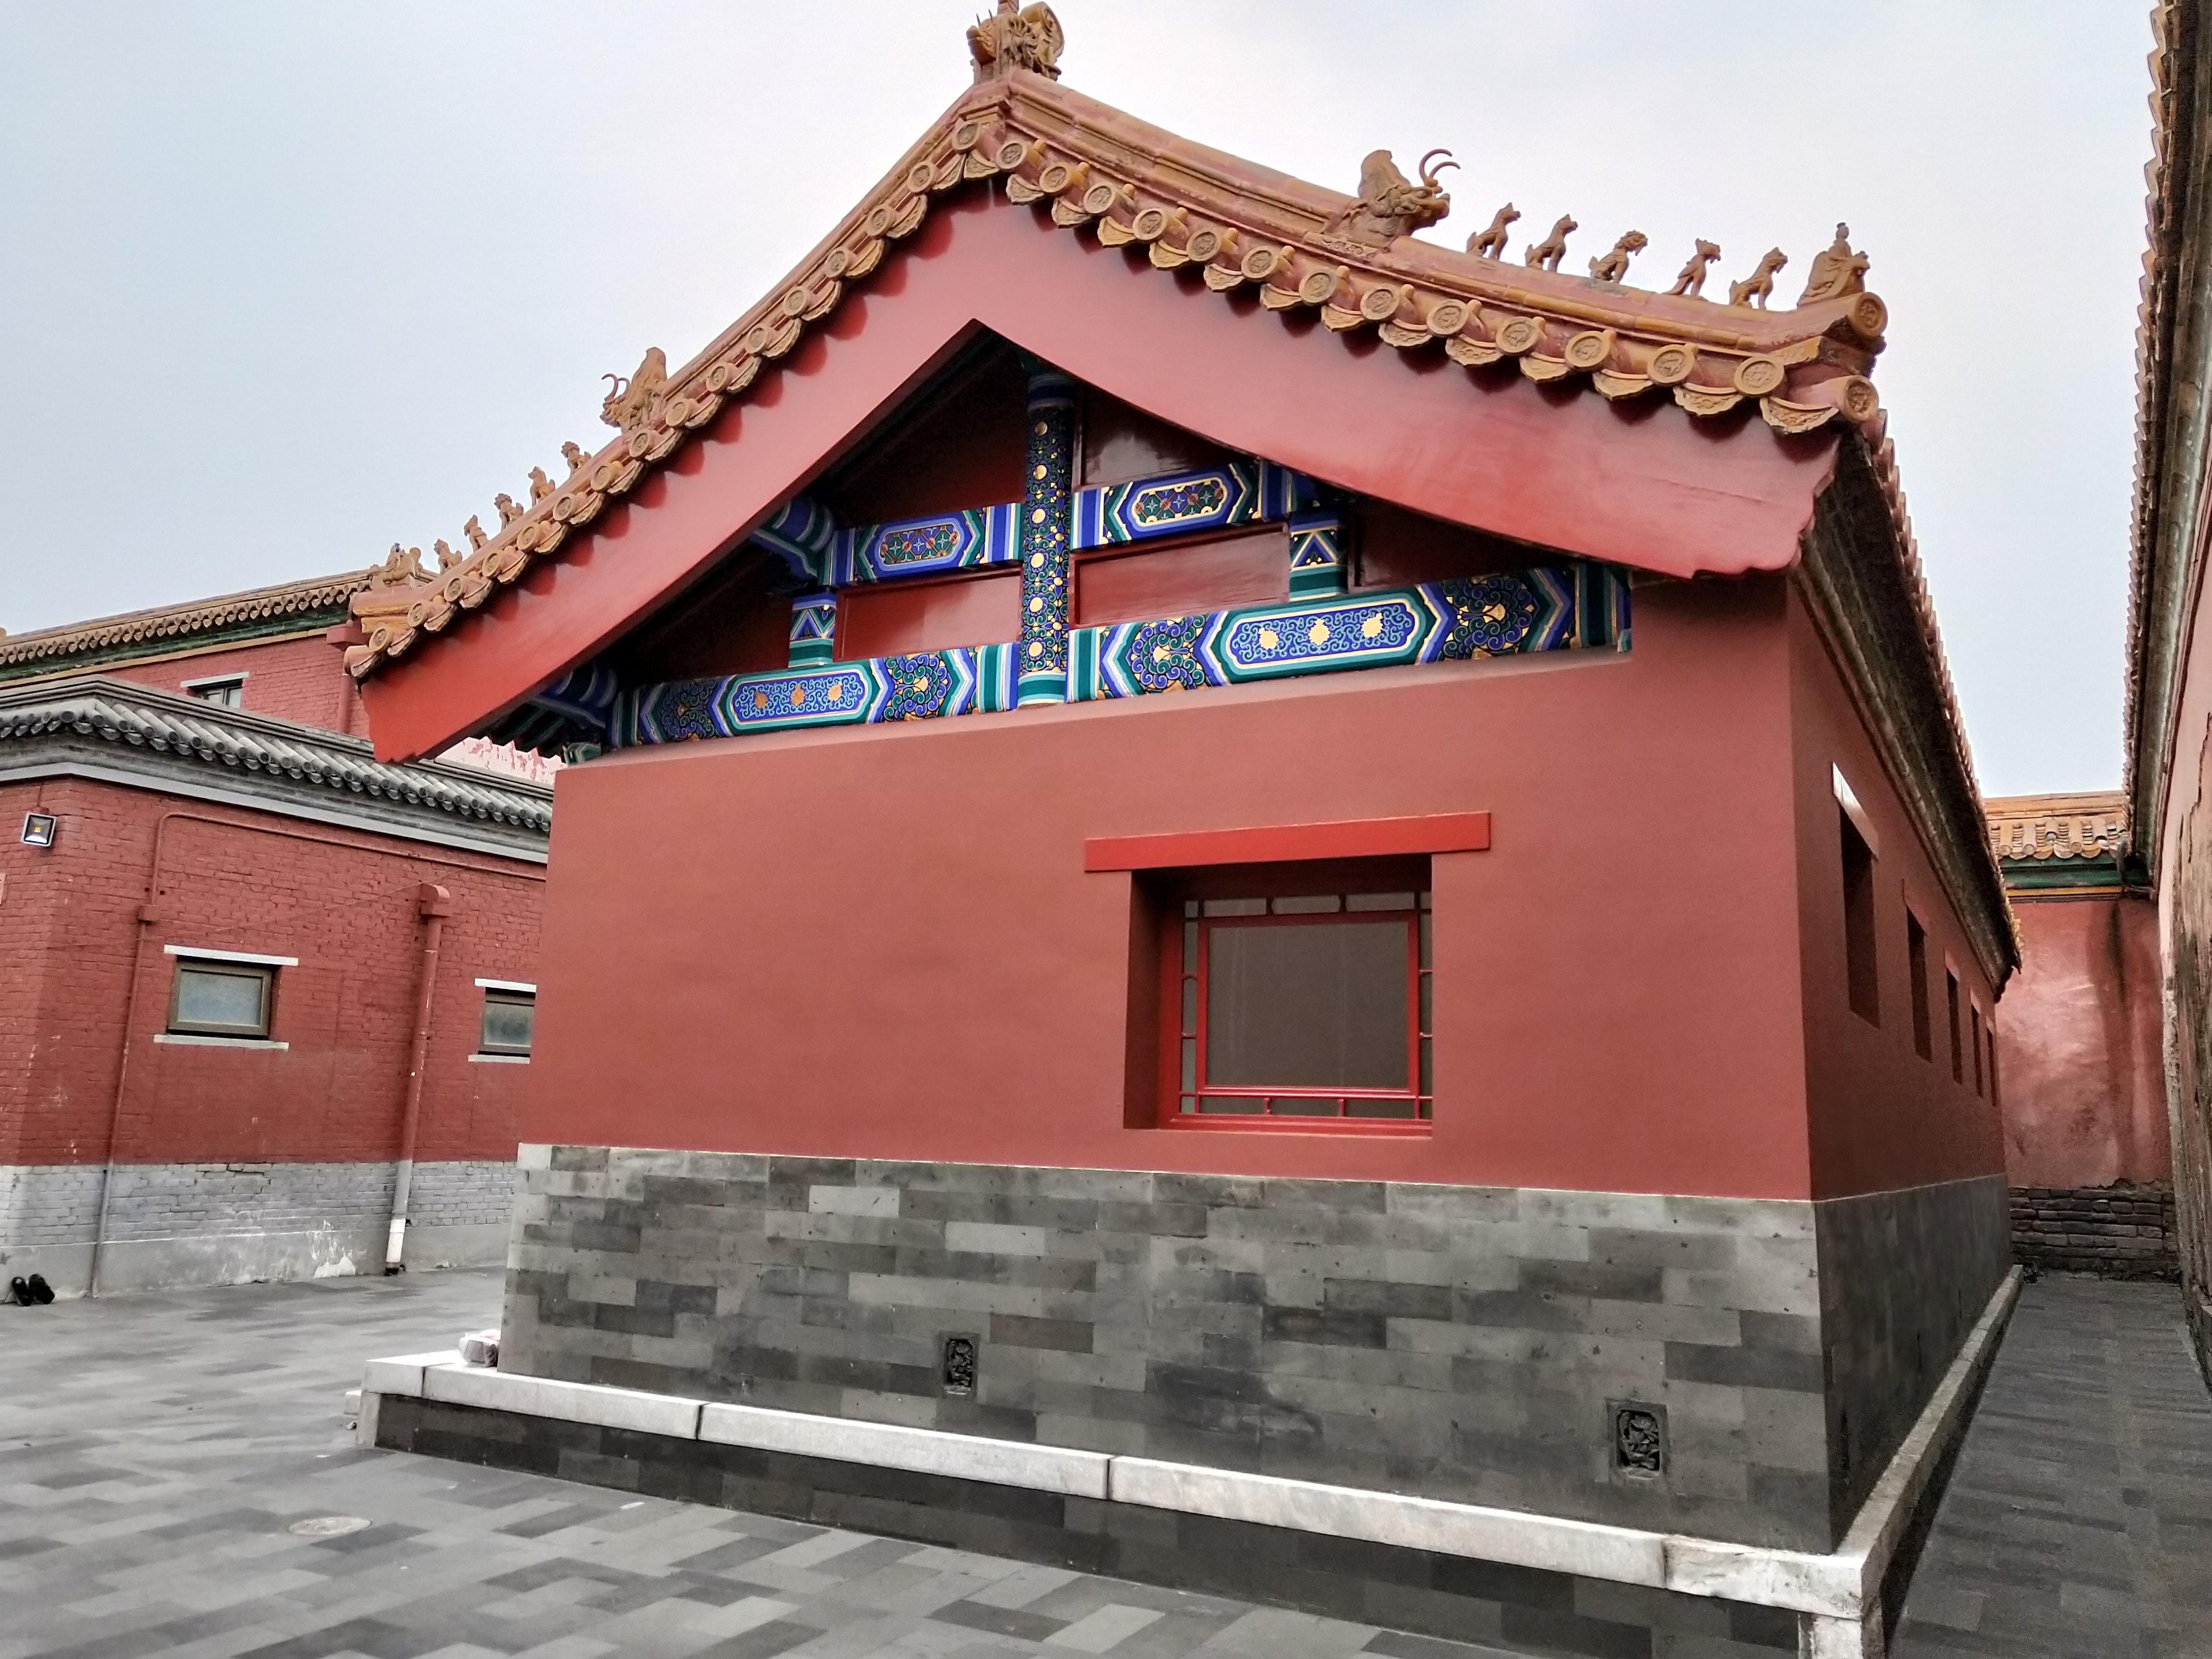 故宮博物院慈寧宮東跨院南房修繕工程